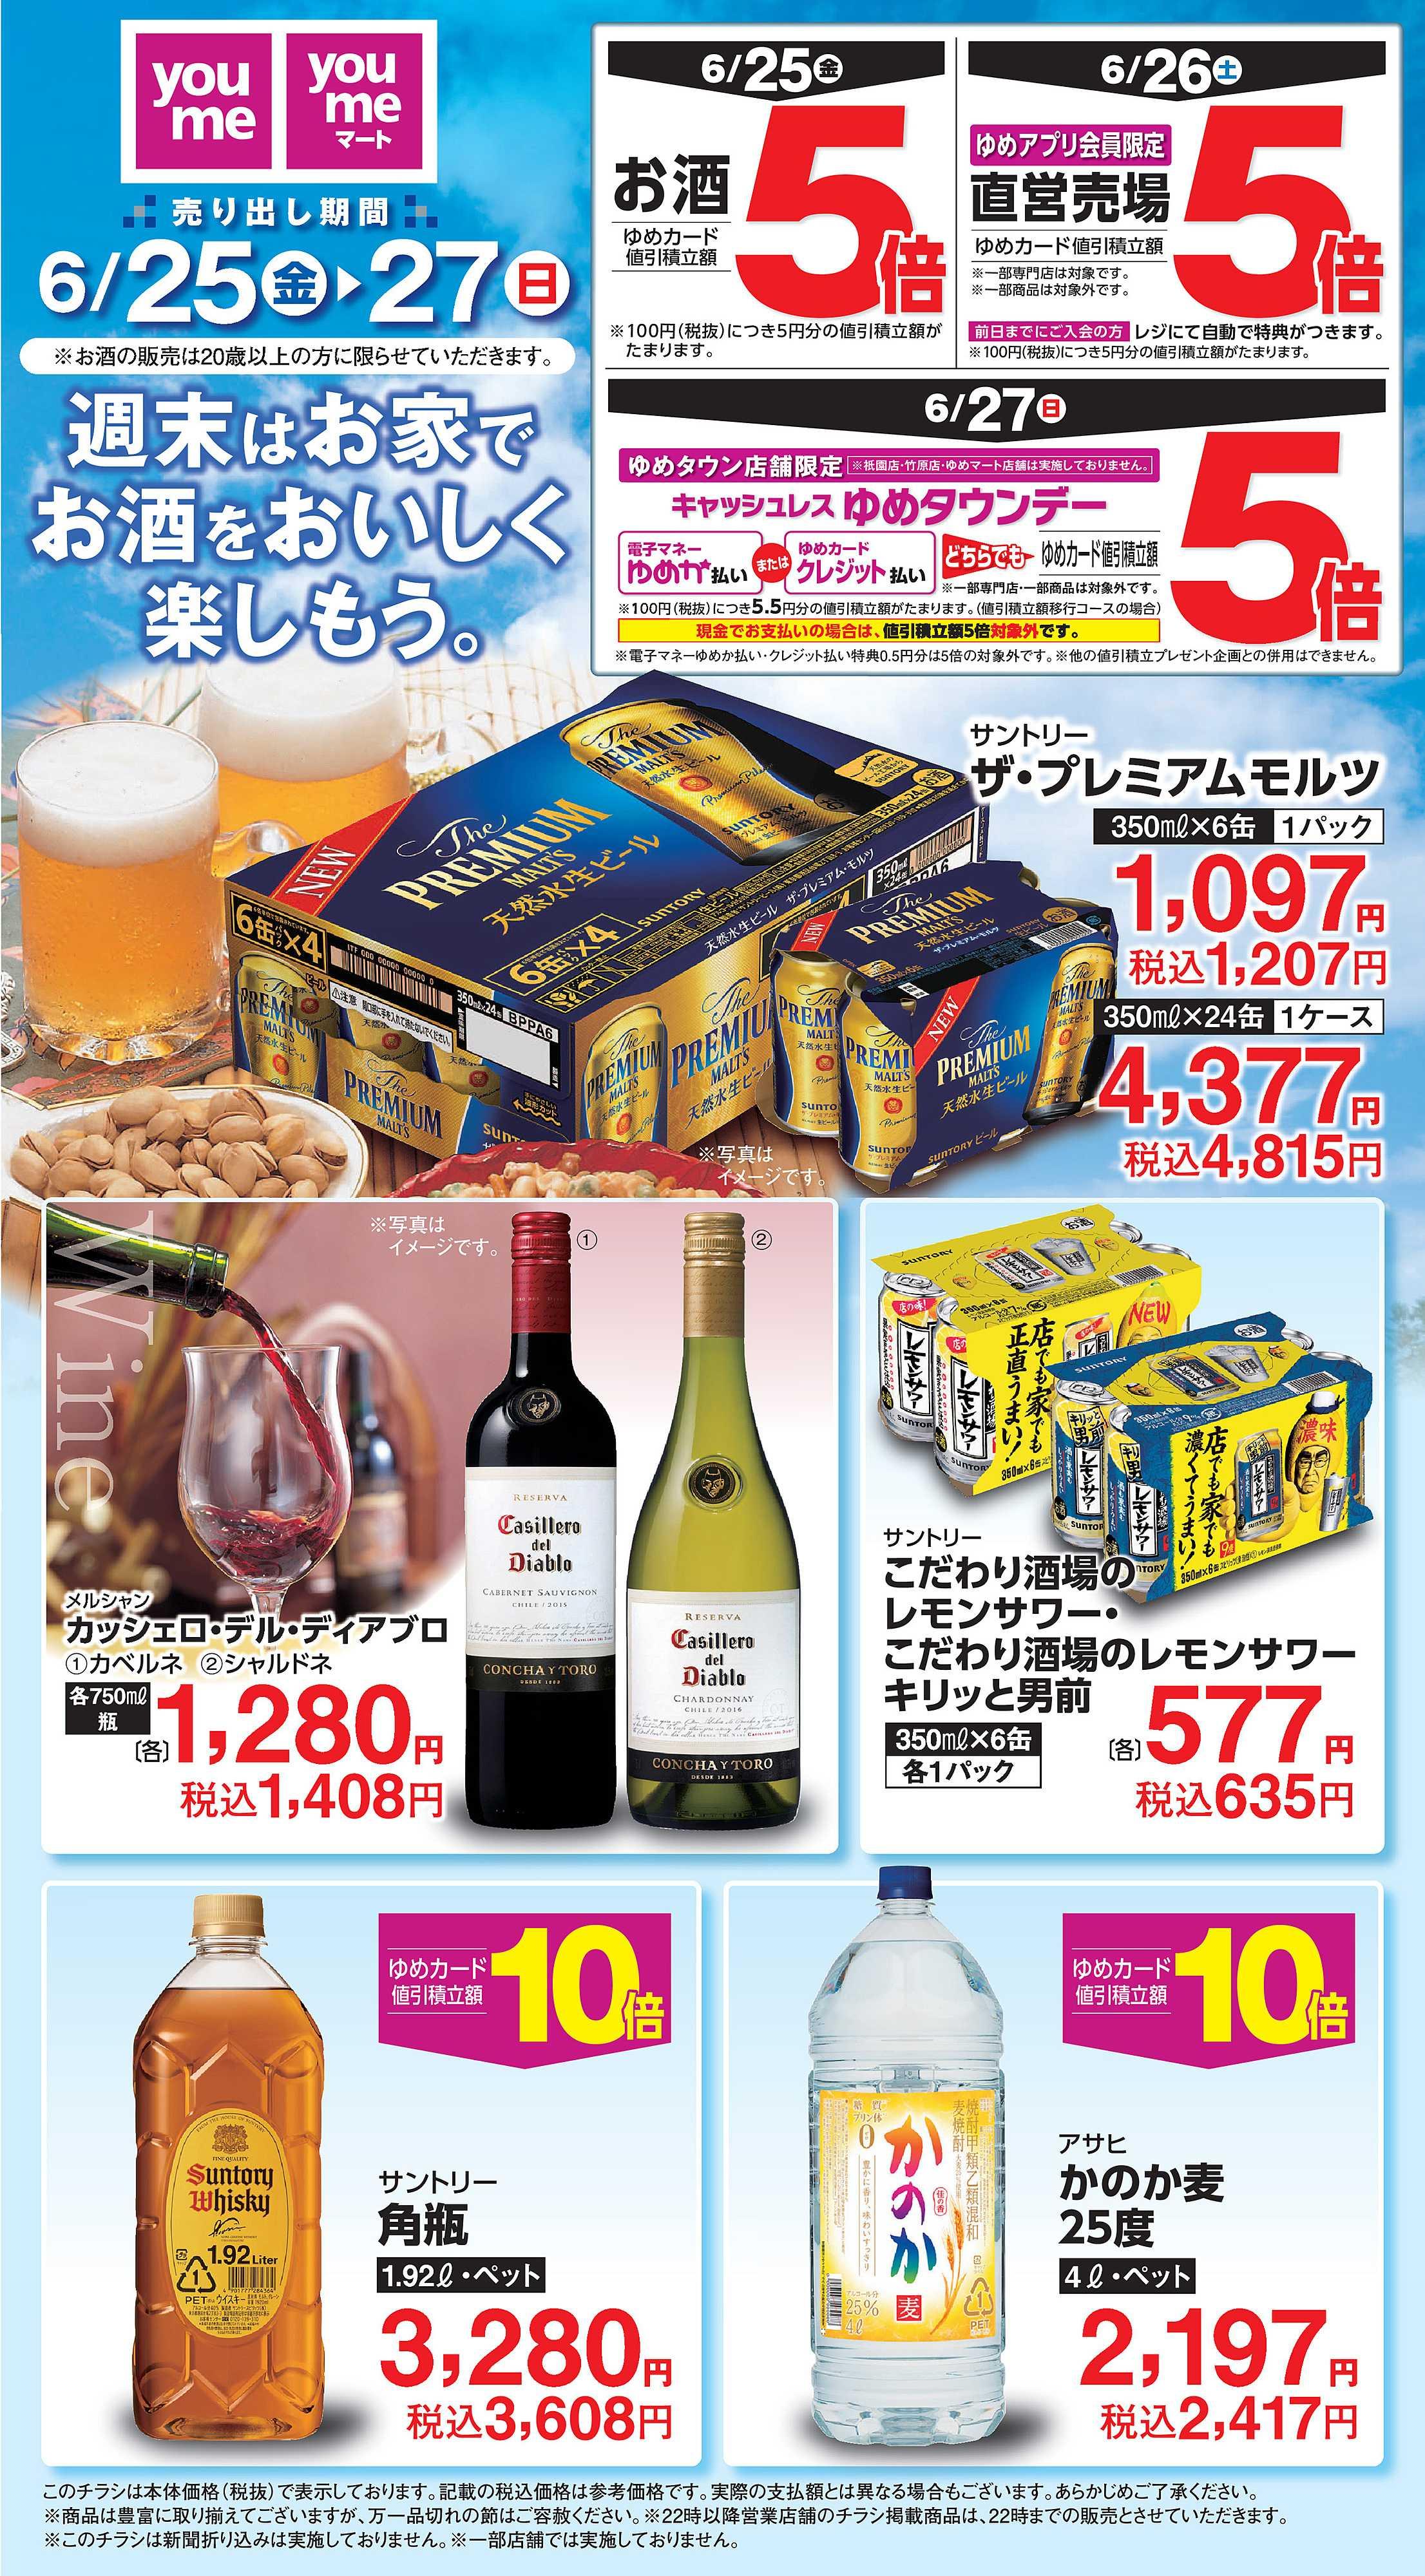 ゆめマート 週末はお家でお酒をおいしく楽しもう。